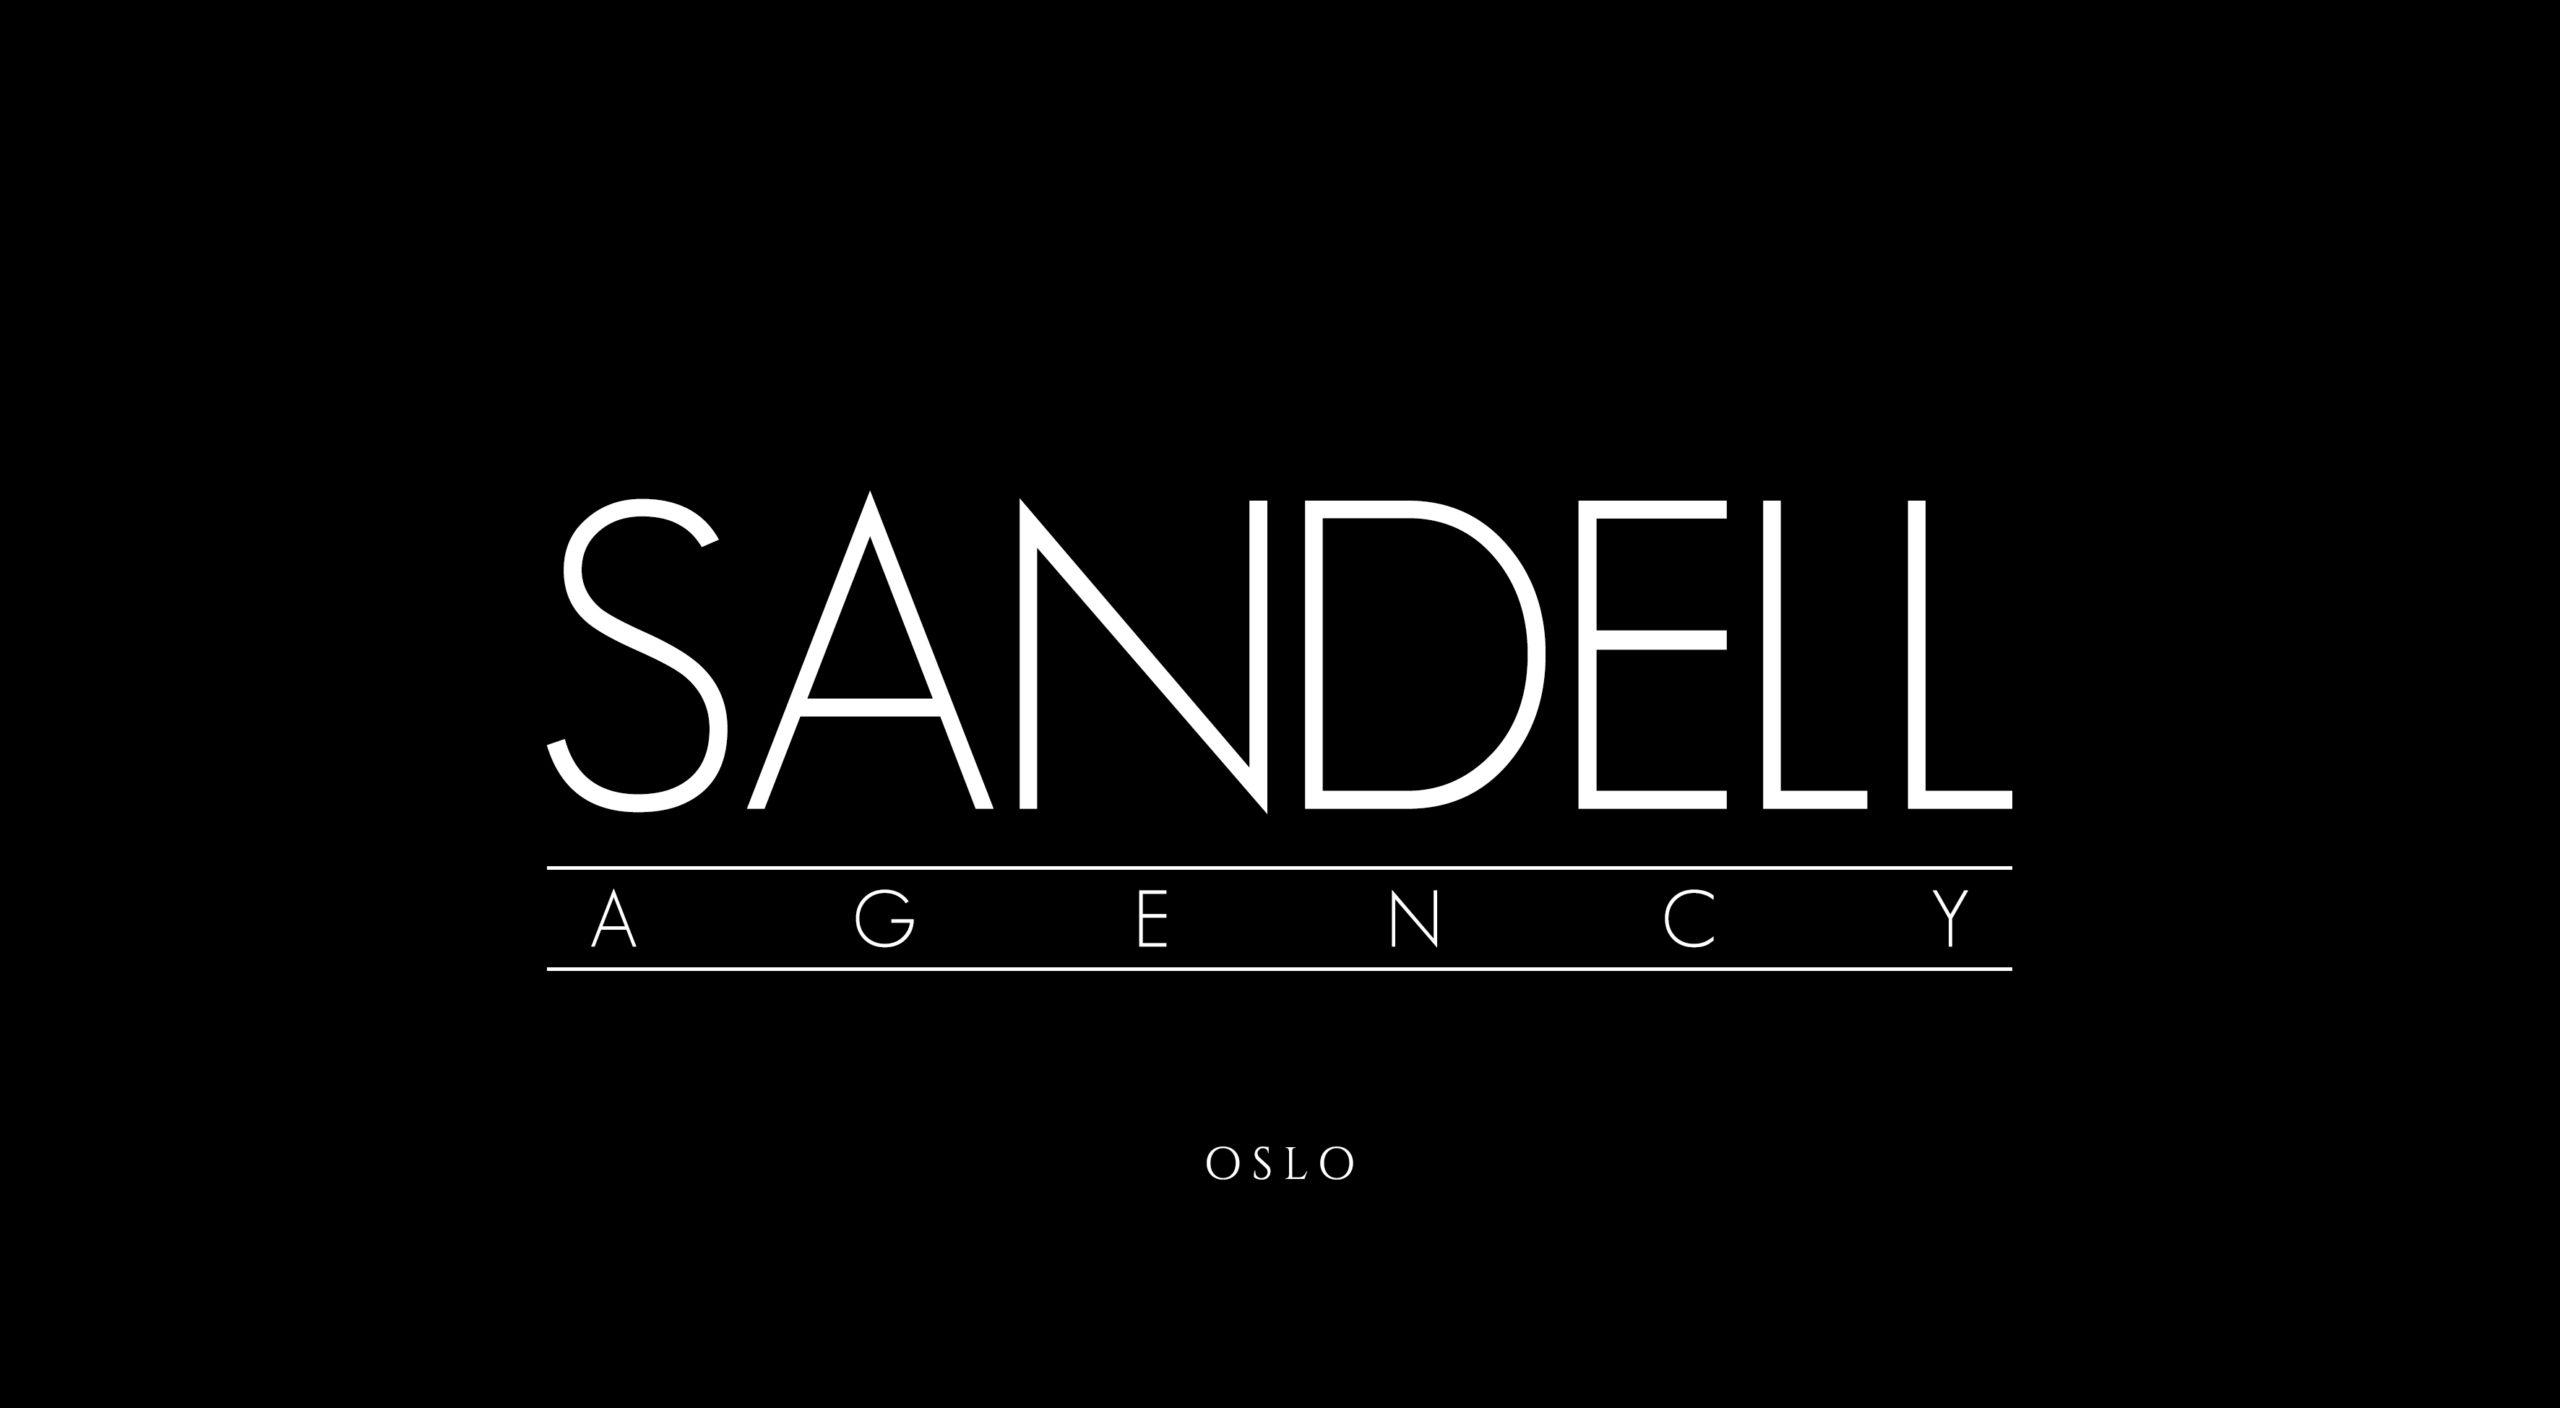 Sandell Agency, ditt agentbyrå og underholdsningsleverandør